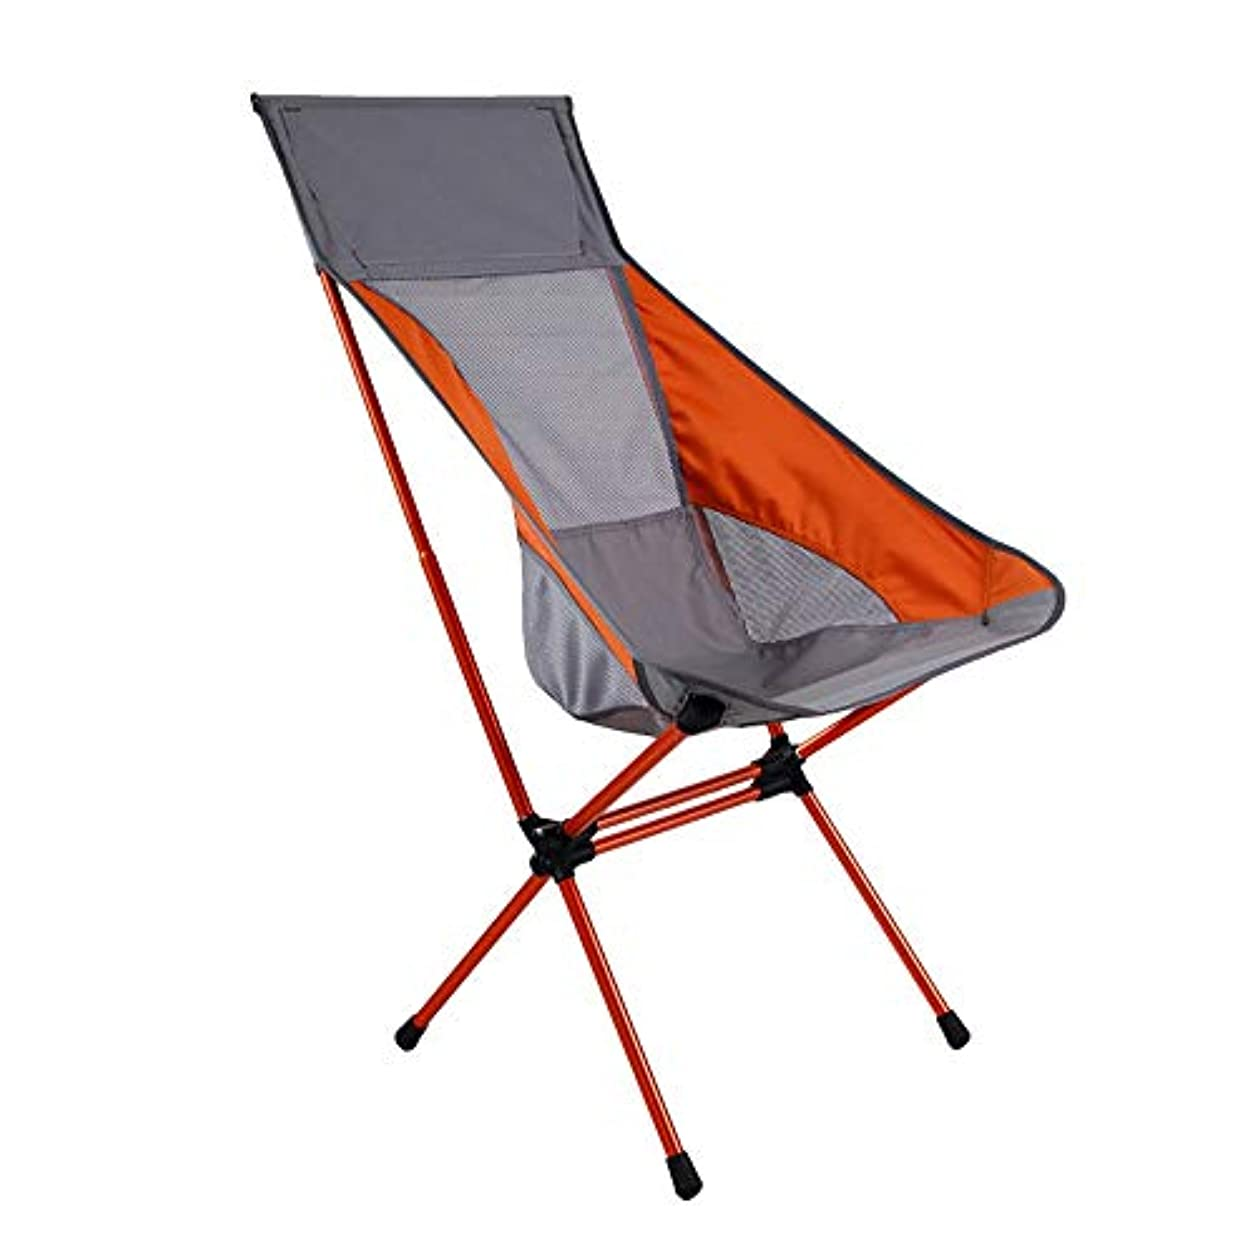 パトワチャレンジ突っ込む屋外のキャンプビーチ釣りピクニックのためのキャリーバッグにコンパクトポータブル超軽量折りたたみバックパッキングチェア アウトドア キャンプ用 (色 : グレー, サイズ : 43*36*96cm)